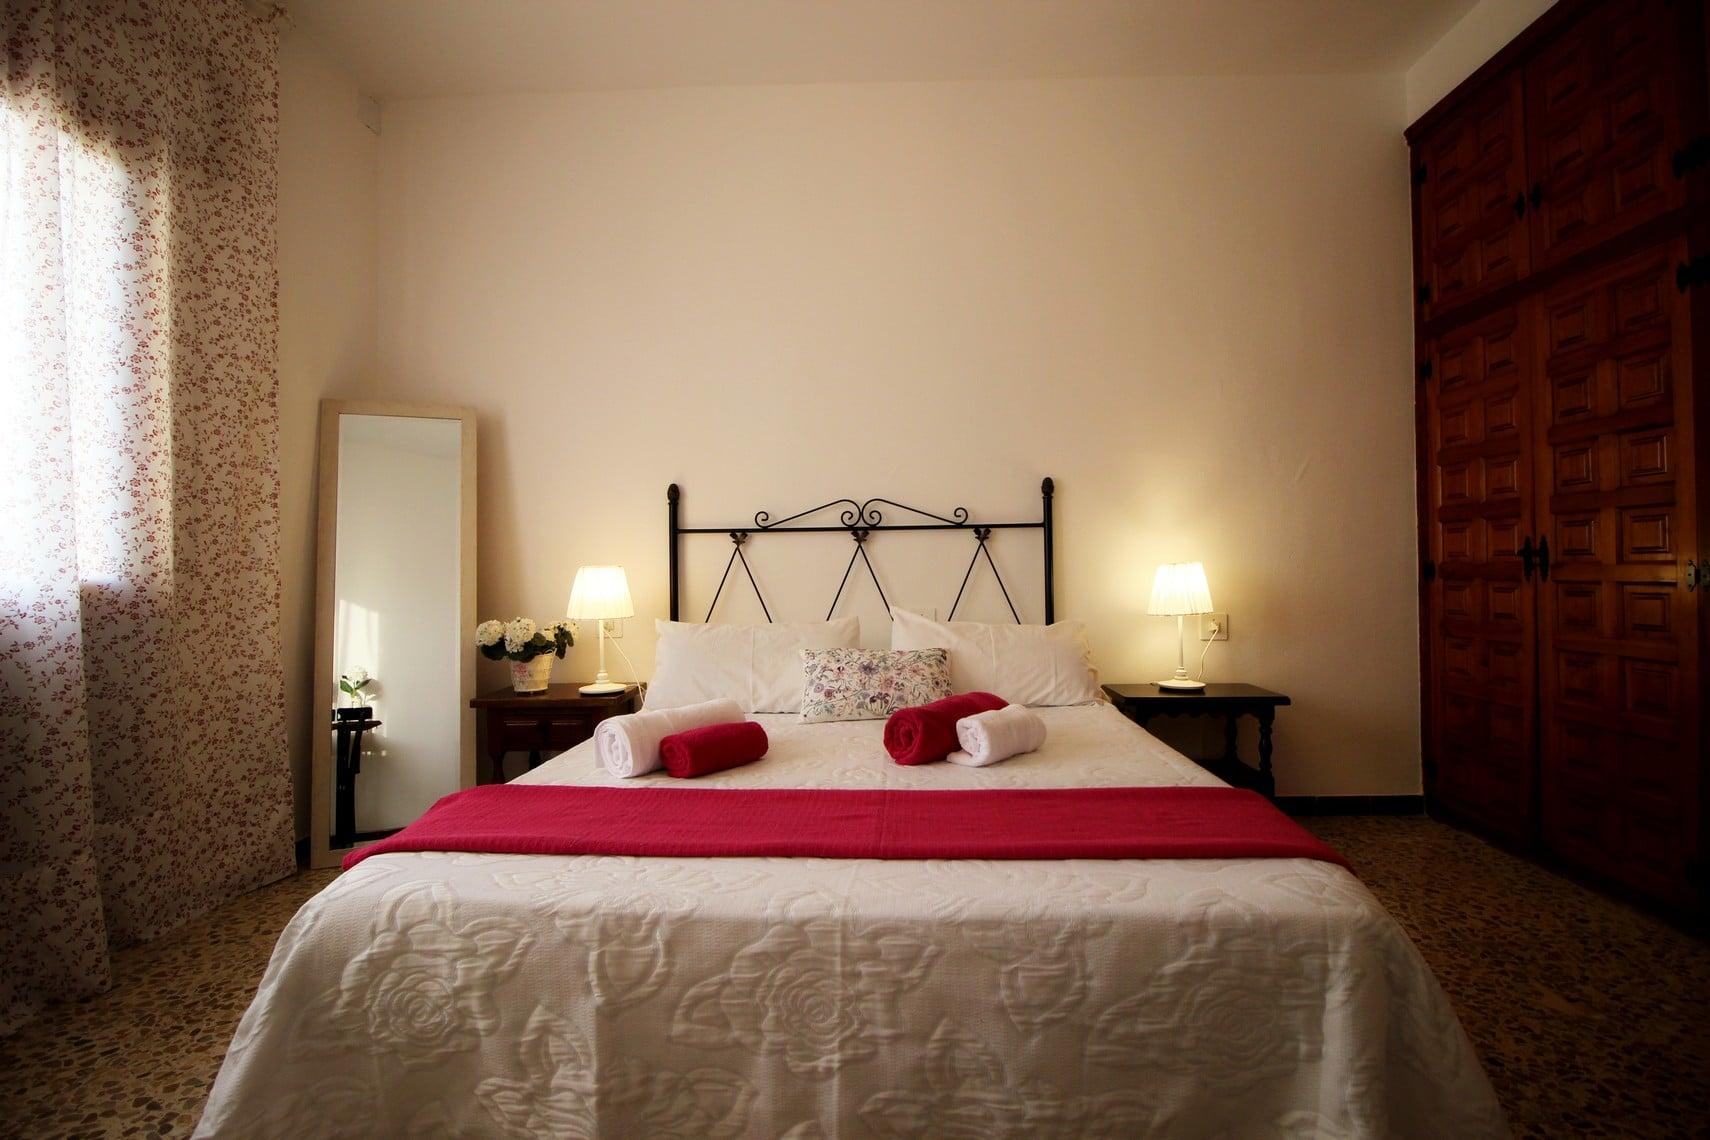 habitación4_las_hazas jarandilla008